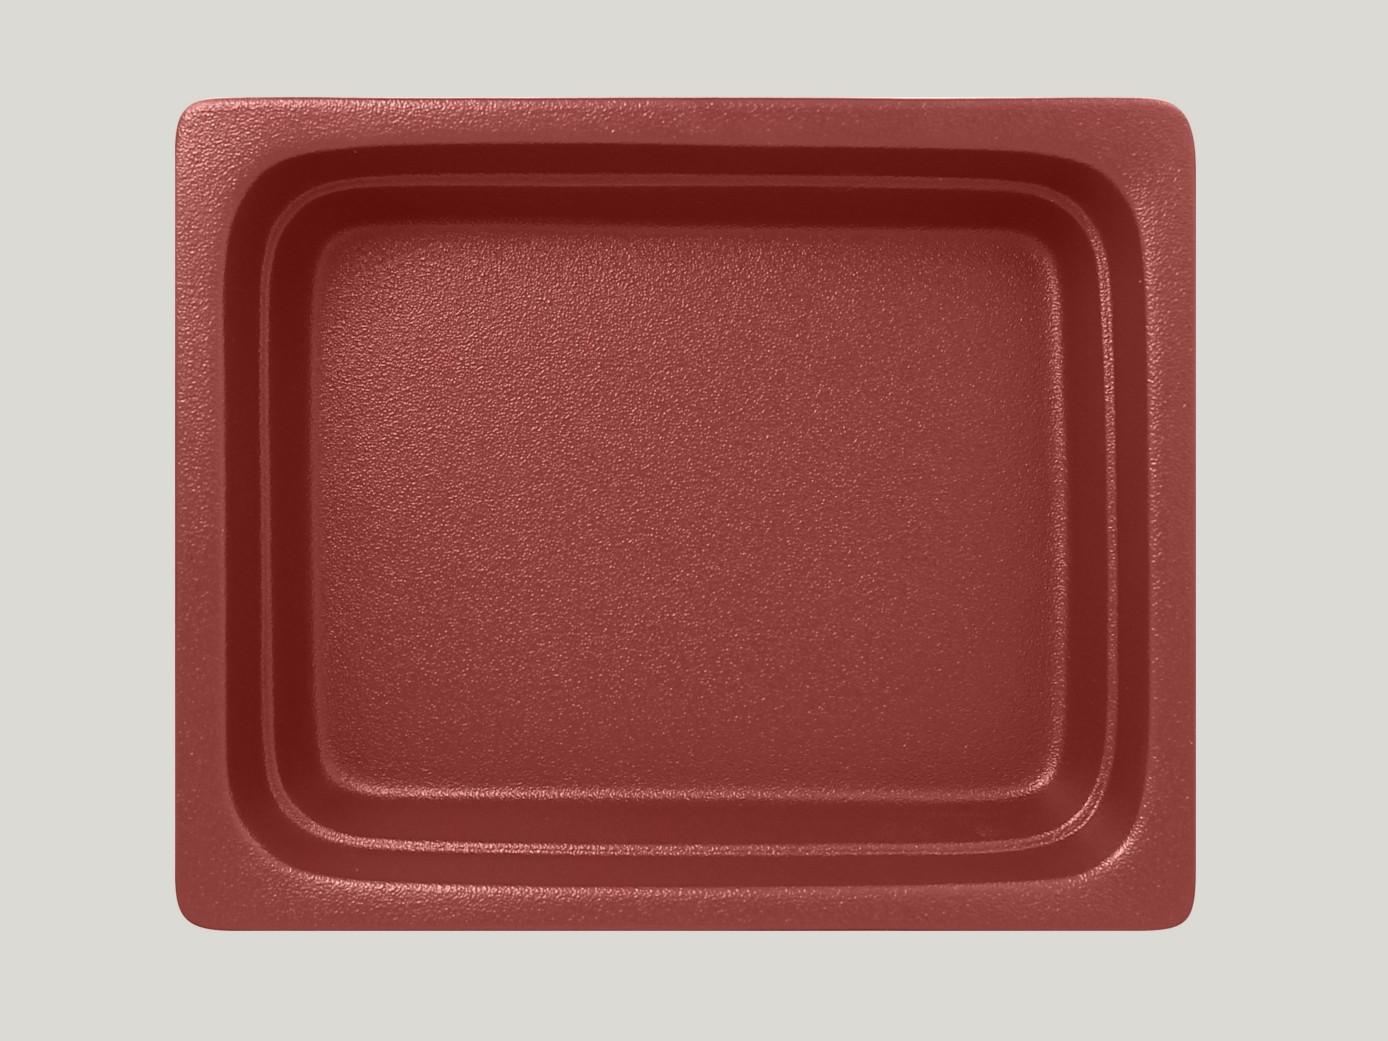 Neofusion gastronádoba GN 1/2 065 mm - tmavě červená